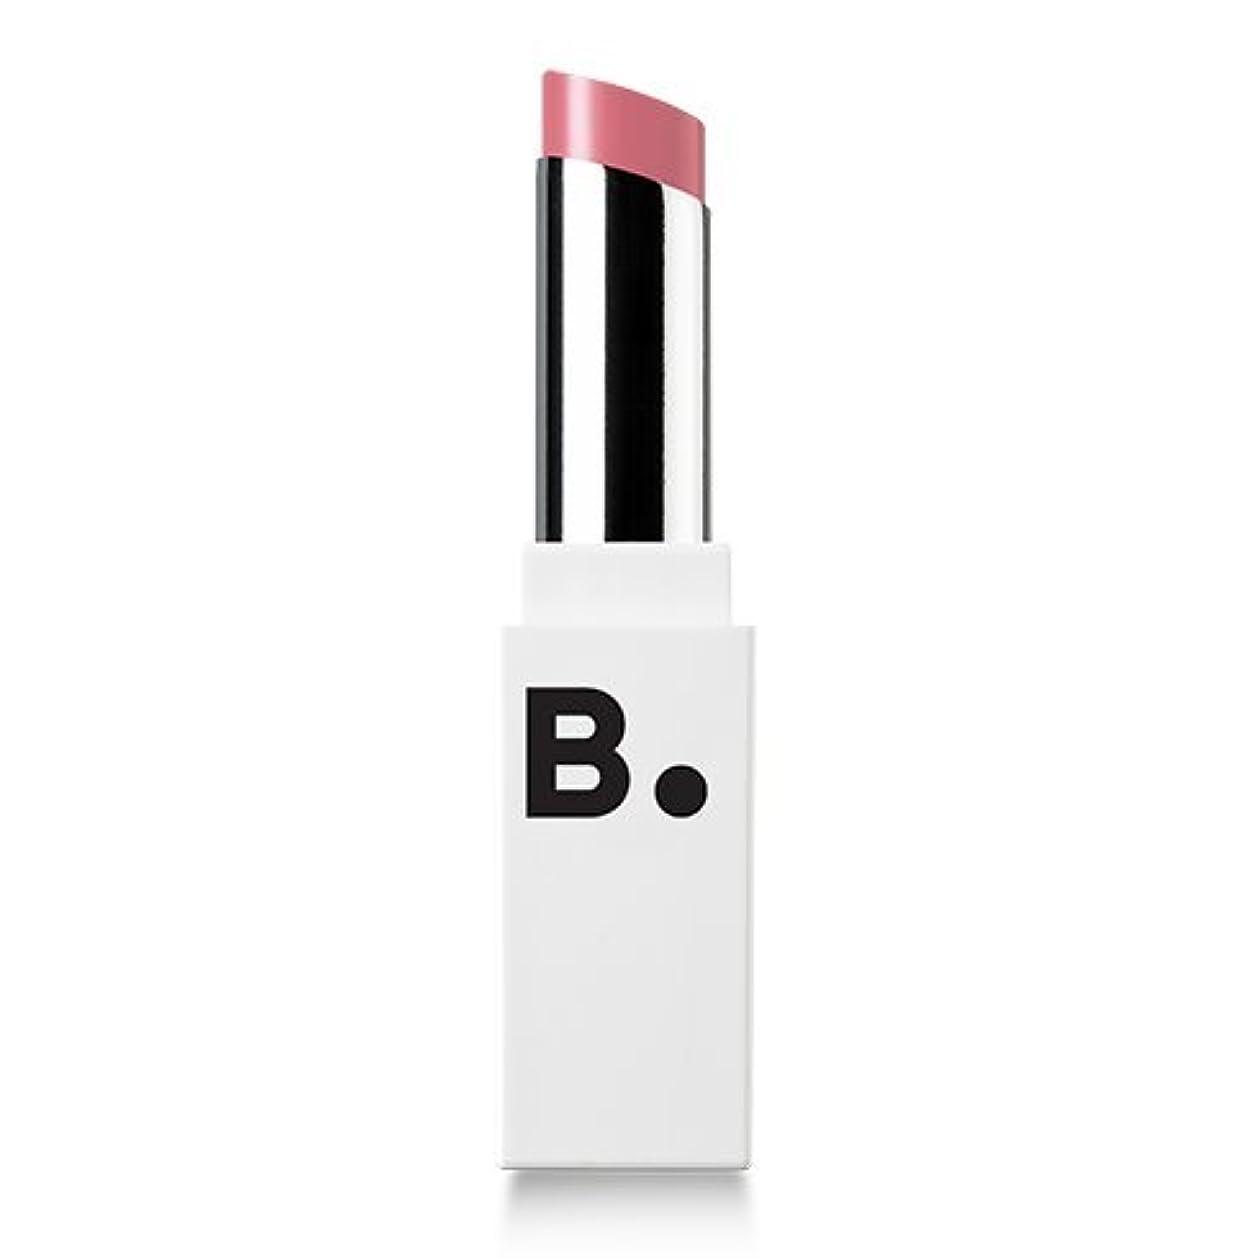 収益太鼓腹盆地BANILA CO Lip Draw Melting Serum Stick 4.2g/バニラコ リップ ドロー メルティング セラム スティック 4.2g (#SPK04 Hollywood Nude) [並行輸入品]